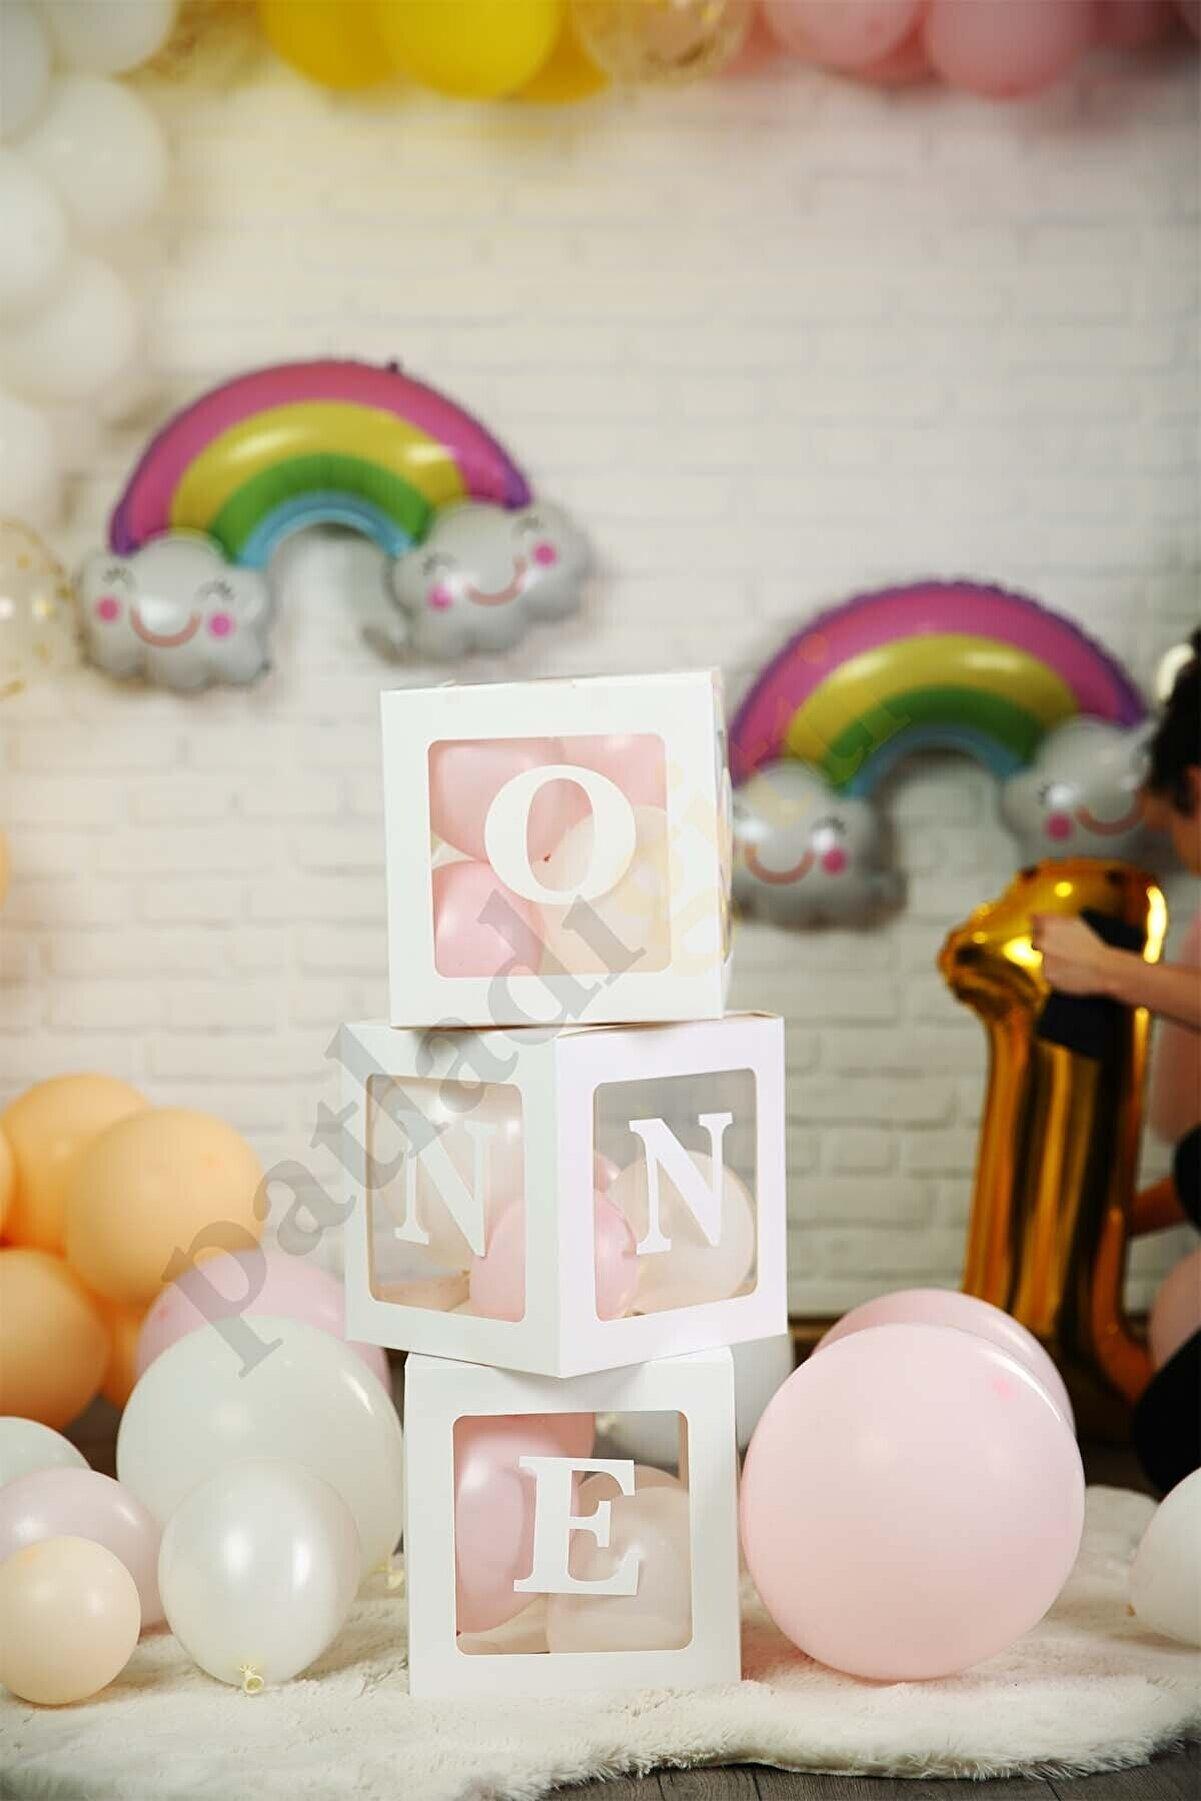 Patladı Gitti One Yazılı Beyaz Kutu Ve Balon Seti